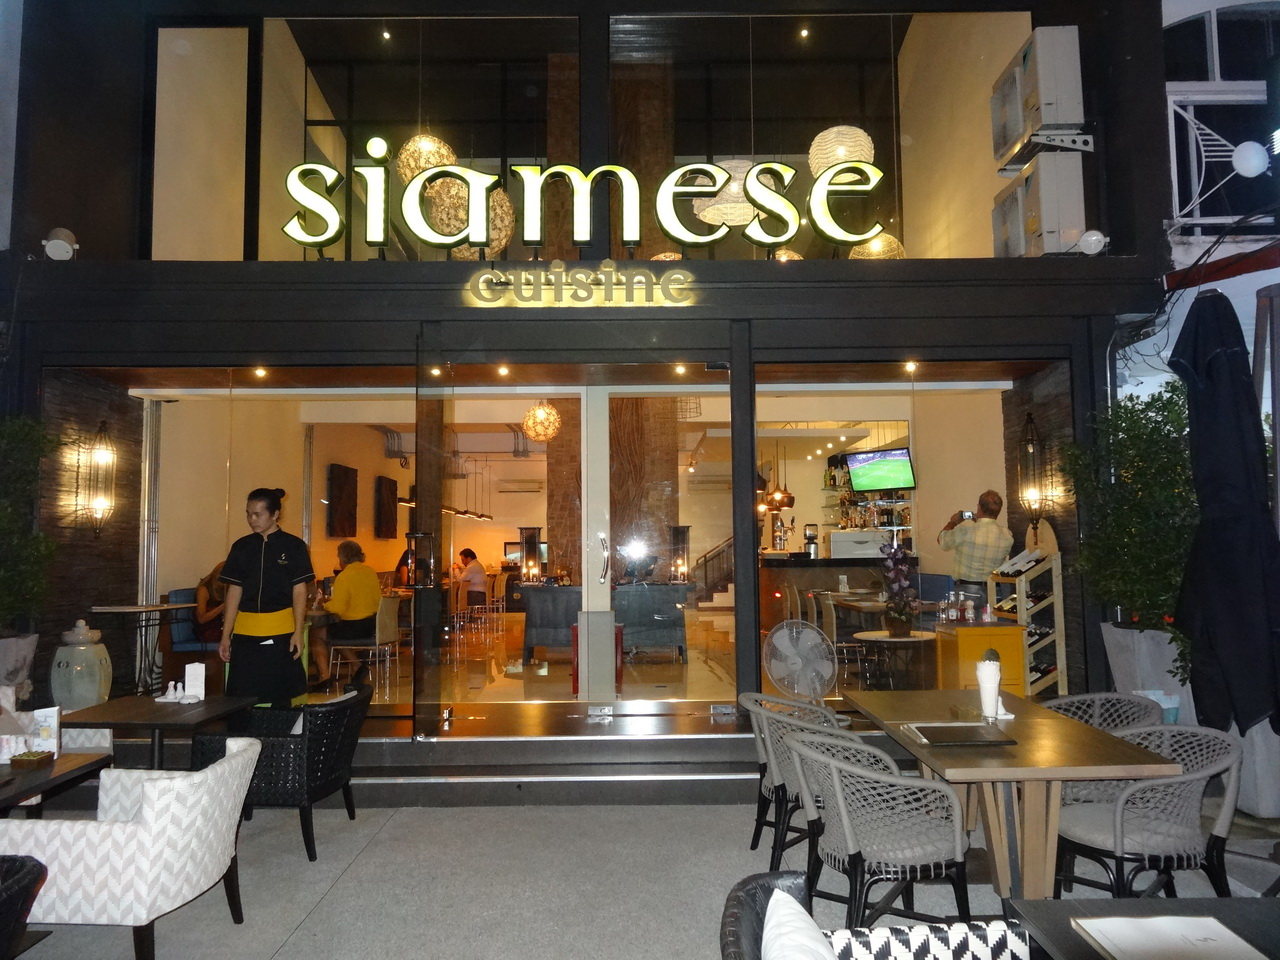 09 Siamese Cuisine 06